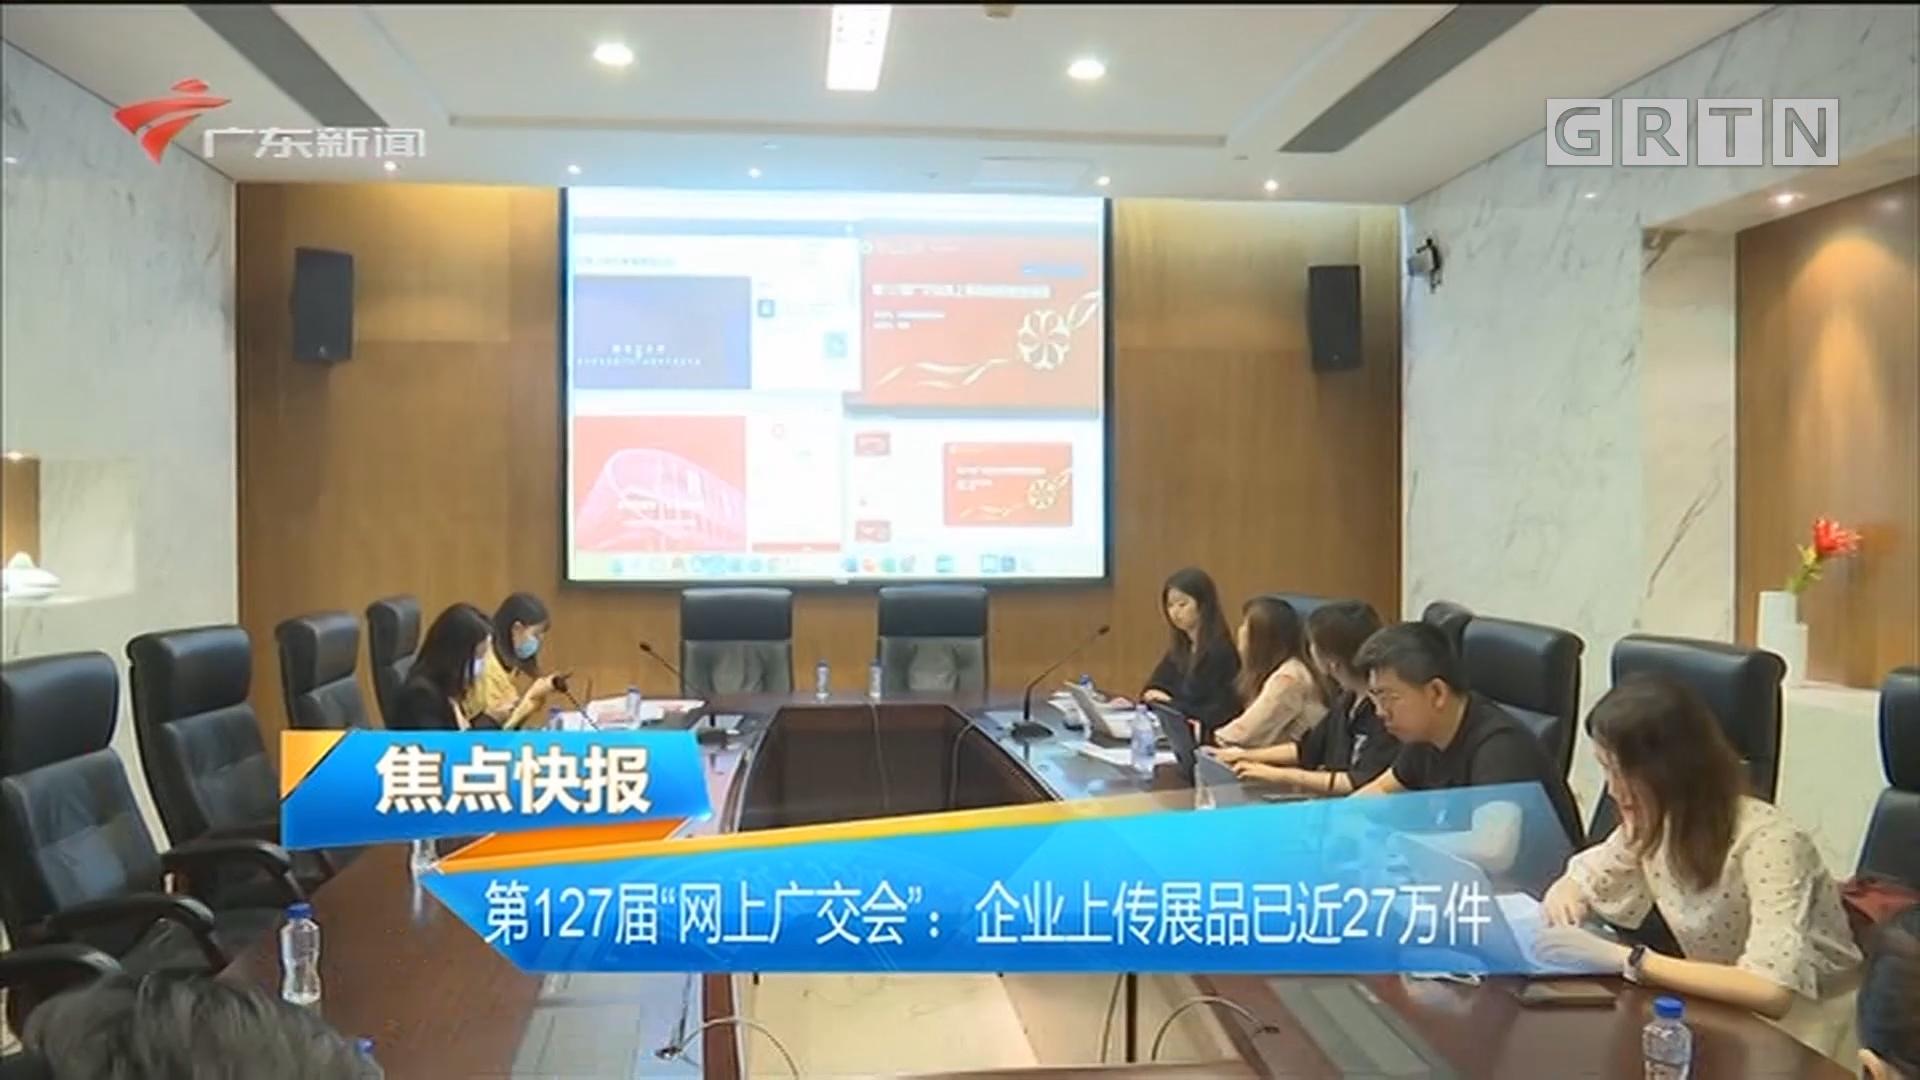 """第127届""""网上广交会"""":企业上传展品已近27万件"""